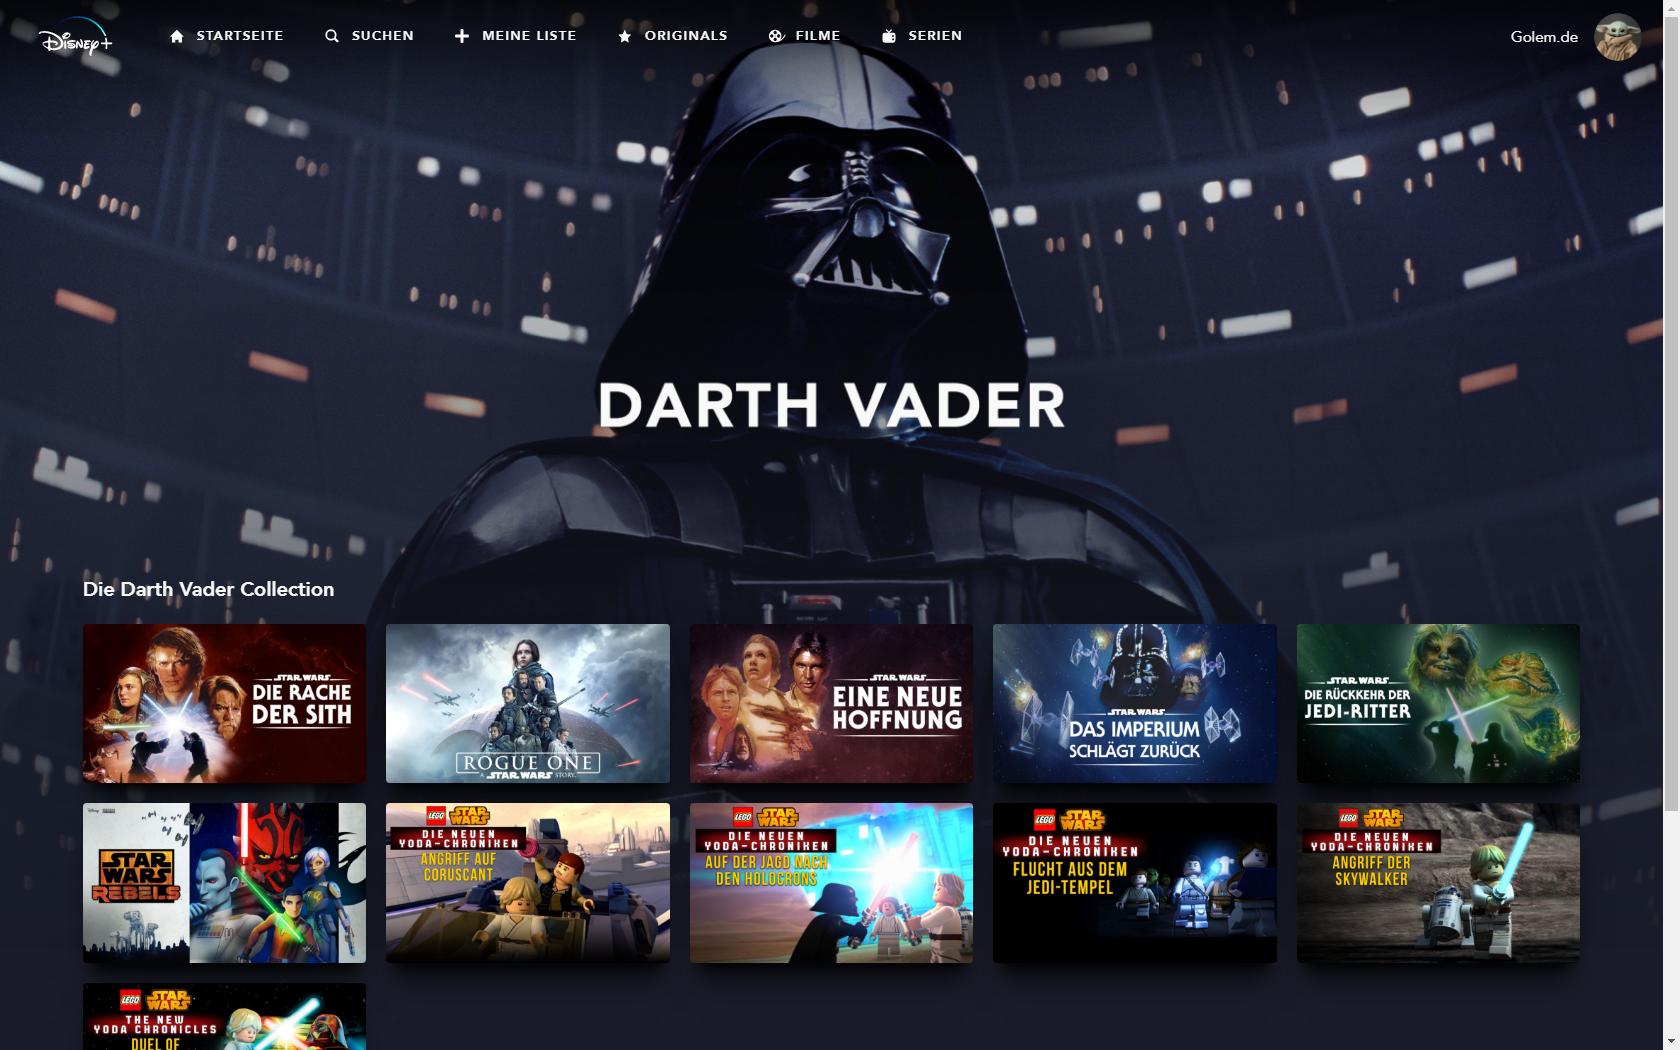 Konkurrenz für Netflix und Prime Video: Disney nennt Filme und Serien für Disney+ in Deutschland - Darth-Vader-Kollektion bei Disney+ (Bild: Disney+/Screenshot: Golem.de)